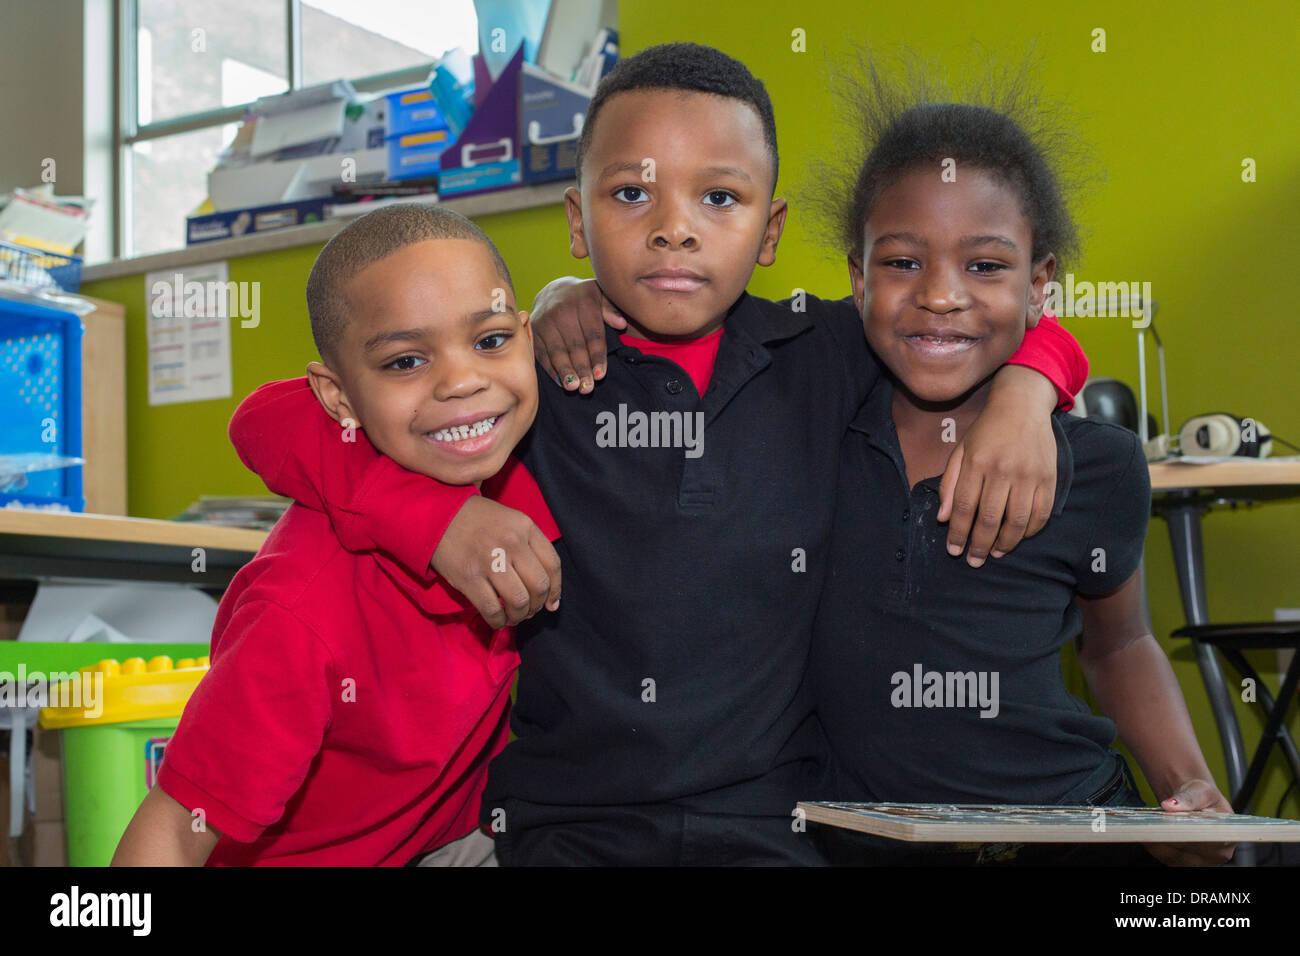 Kindergarten students - Stock Image